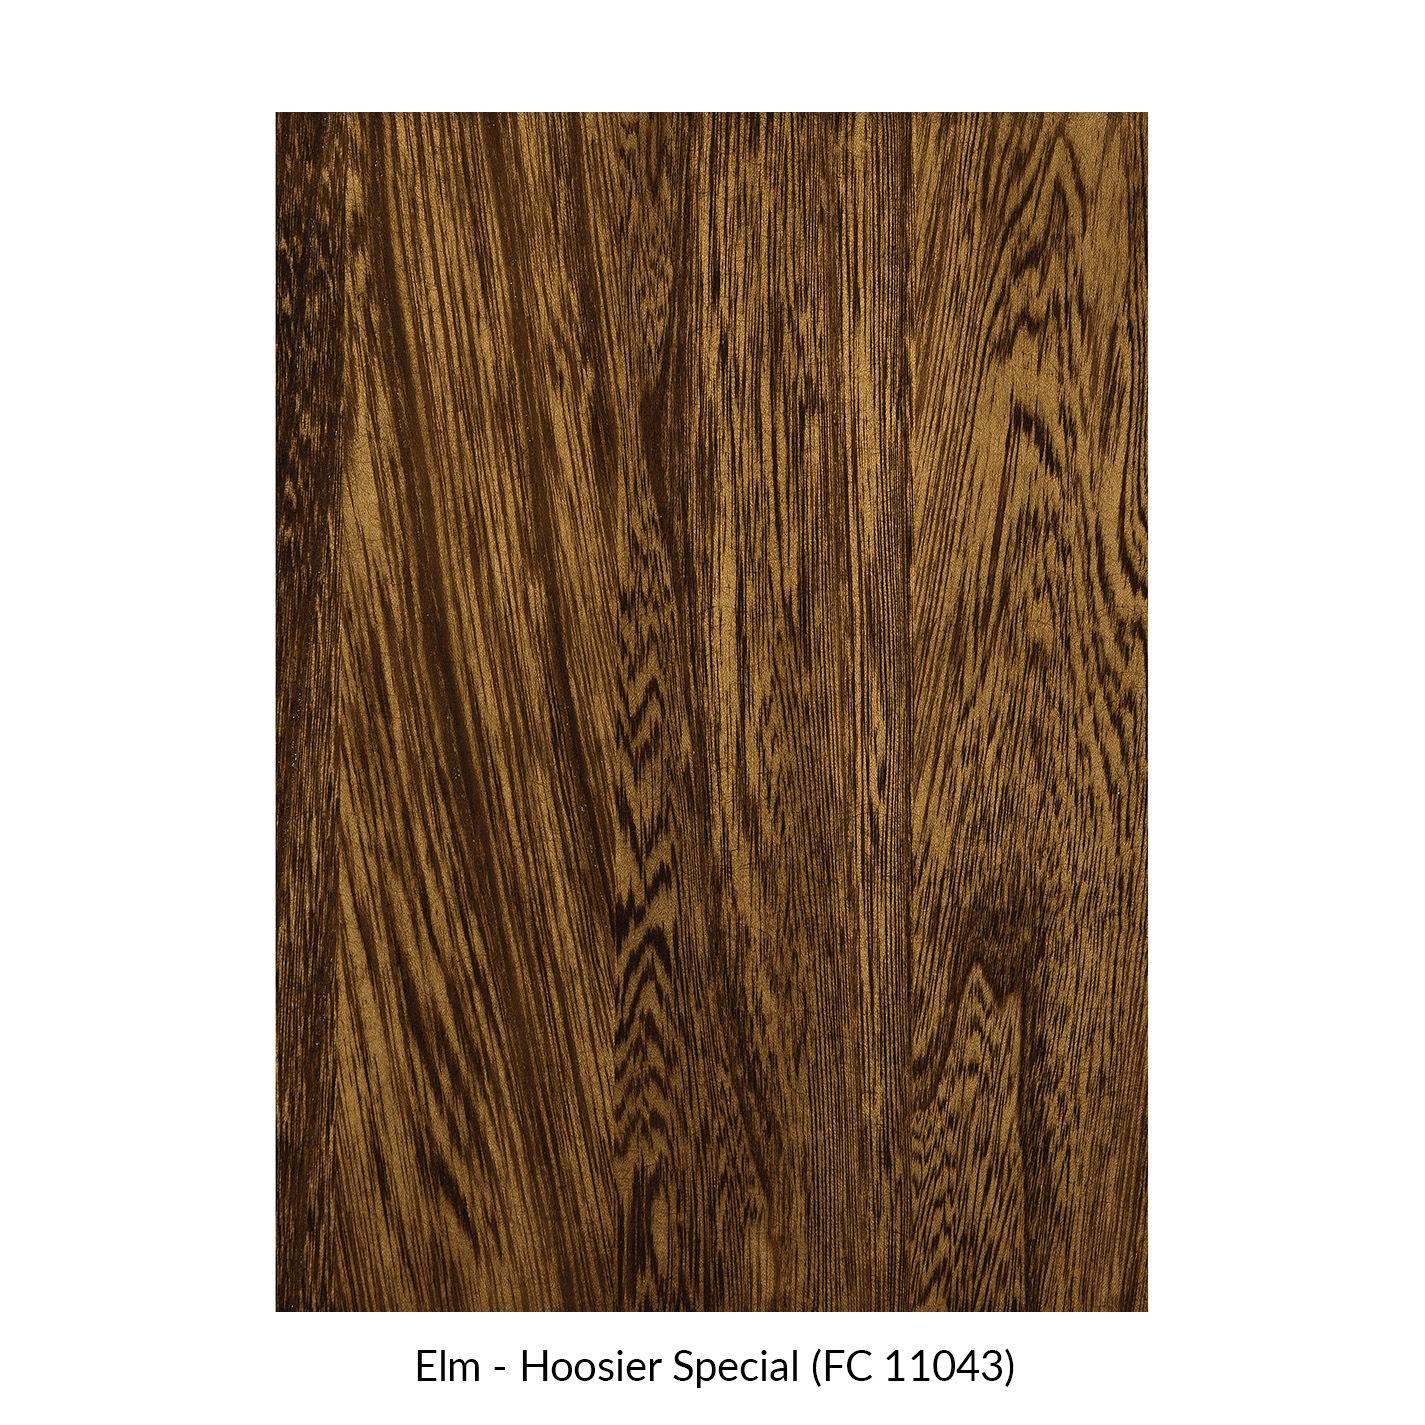 spectrum-elm-hoosier-special-fc-11043.jpg